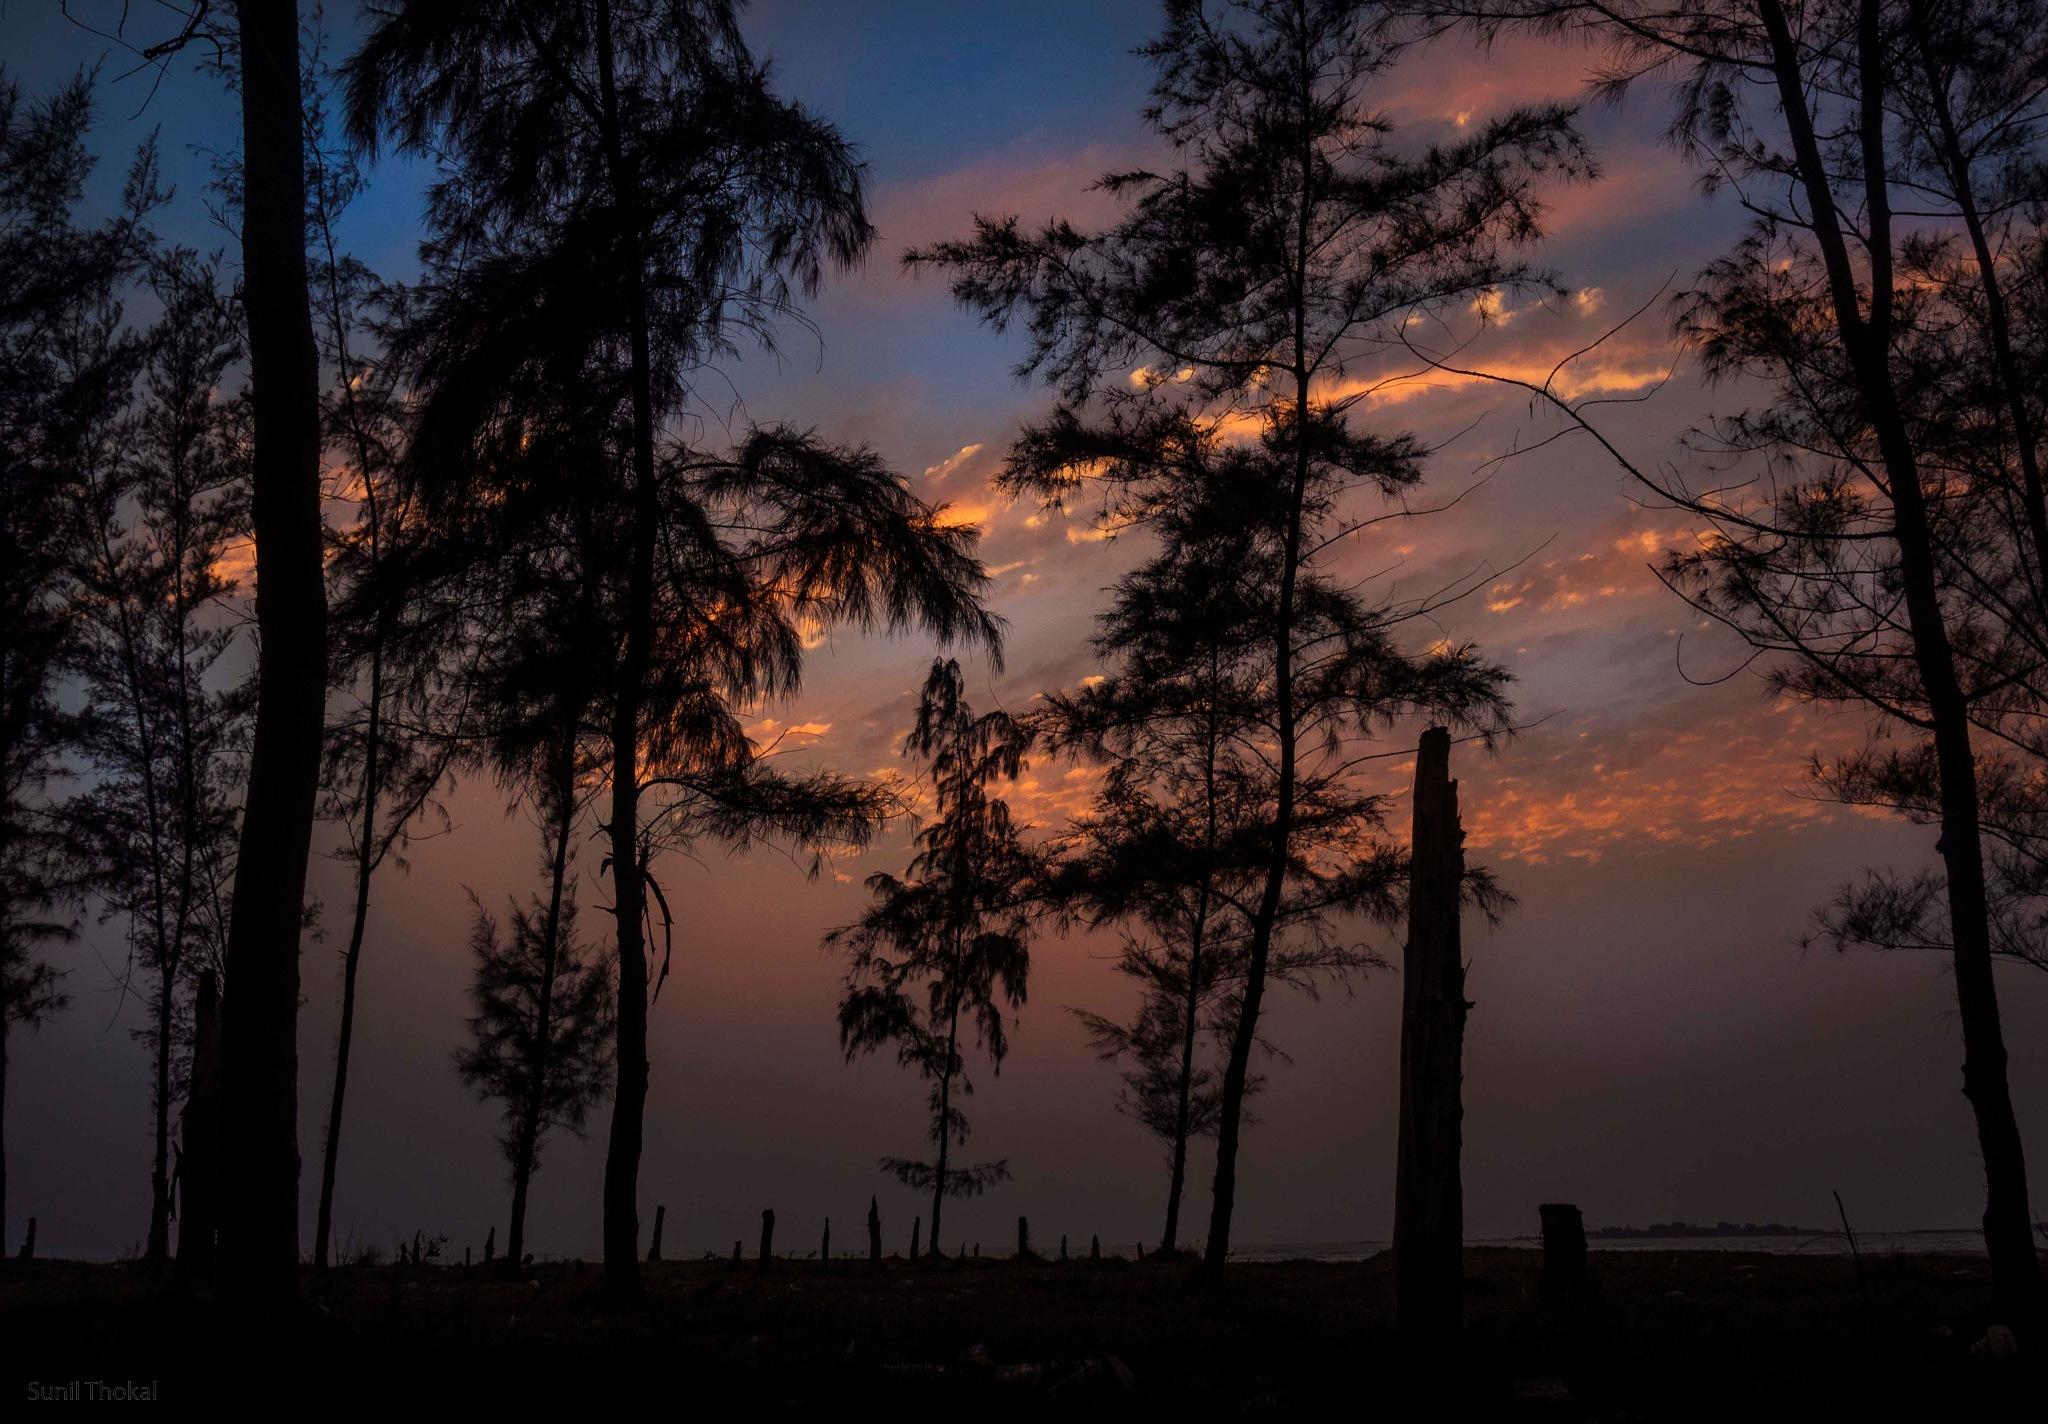 Evening by Sunil Prabhakar Thokal